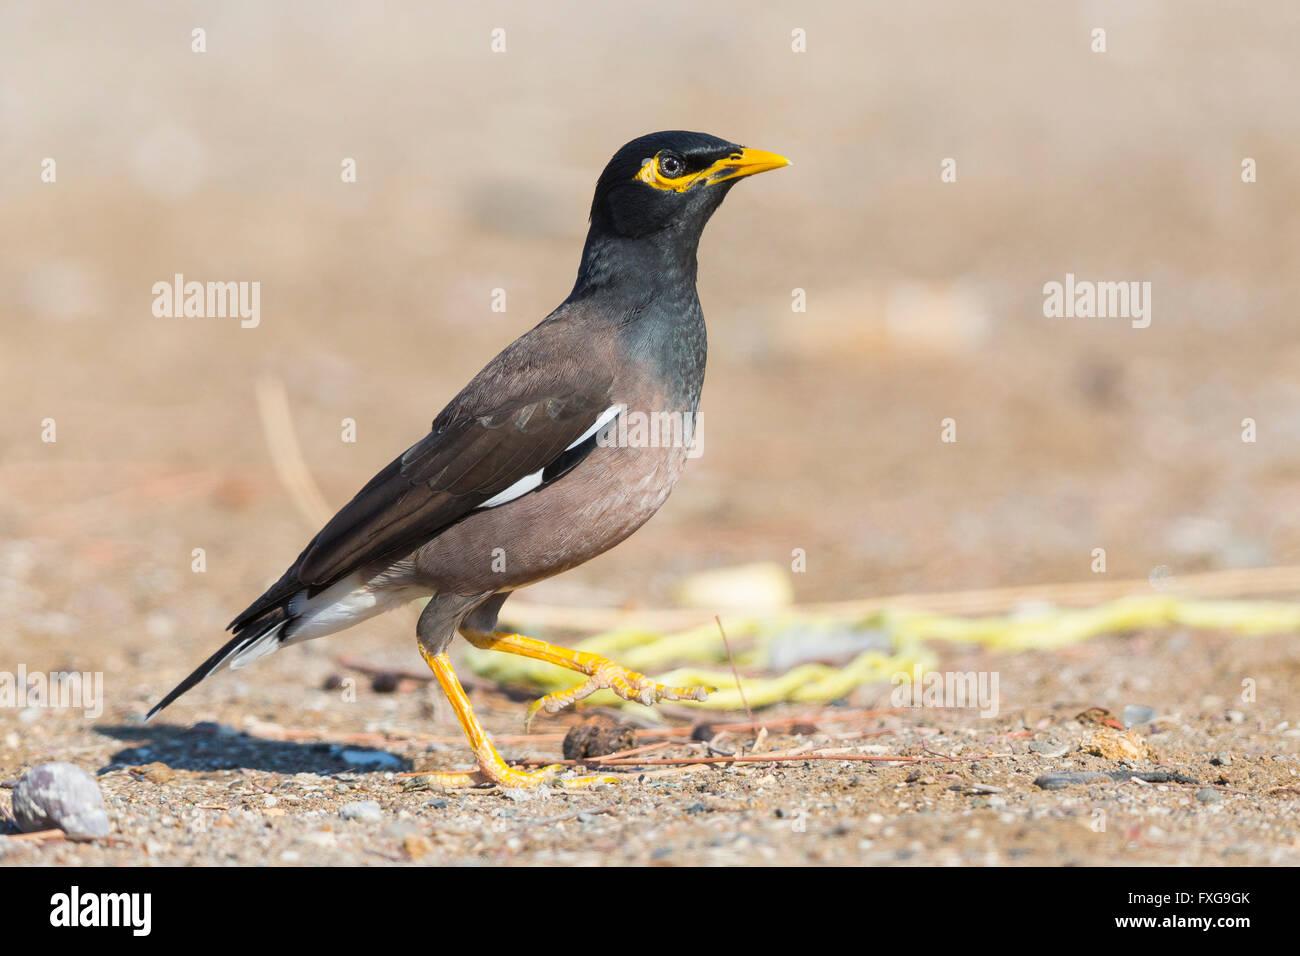 Common Myna (Acridotheres tristis), on the ground, Liwa, Al Batinah, Oman - Stock Image